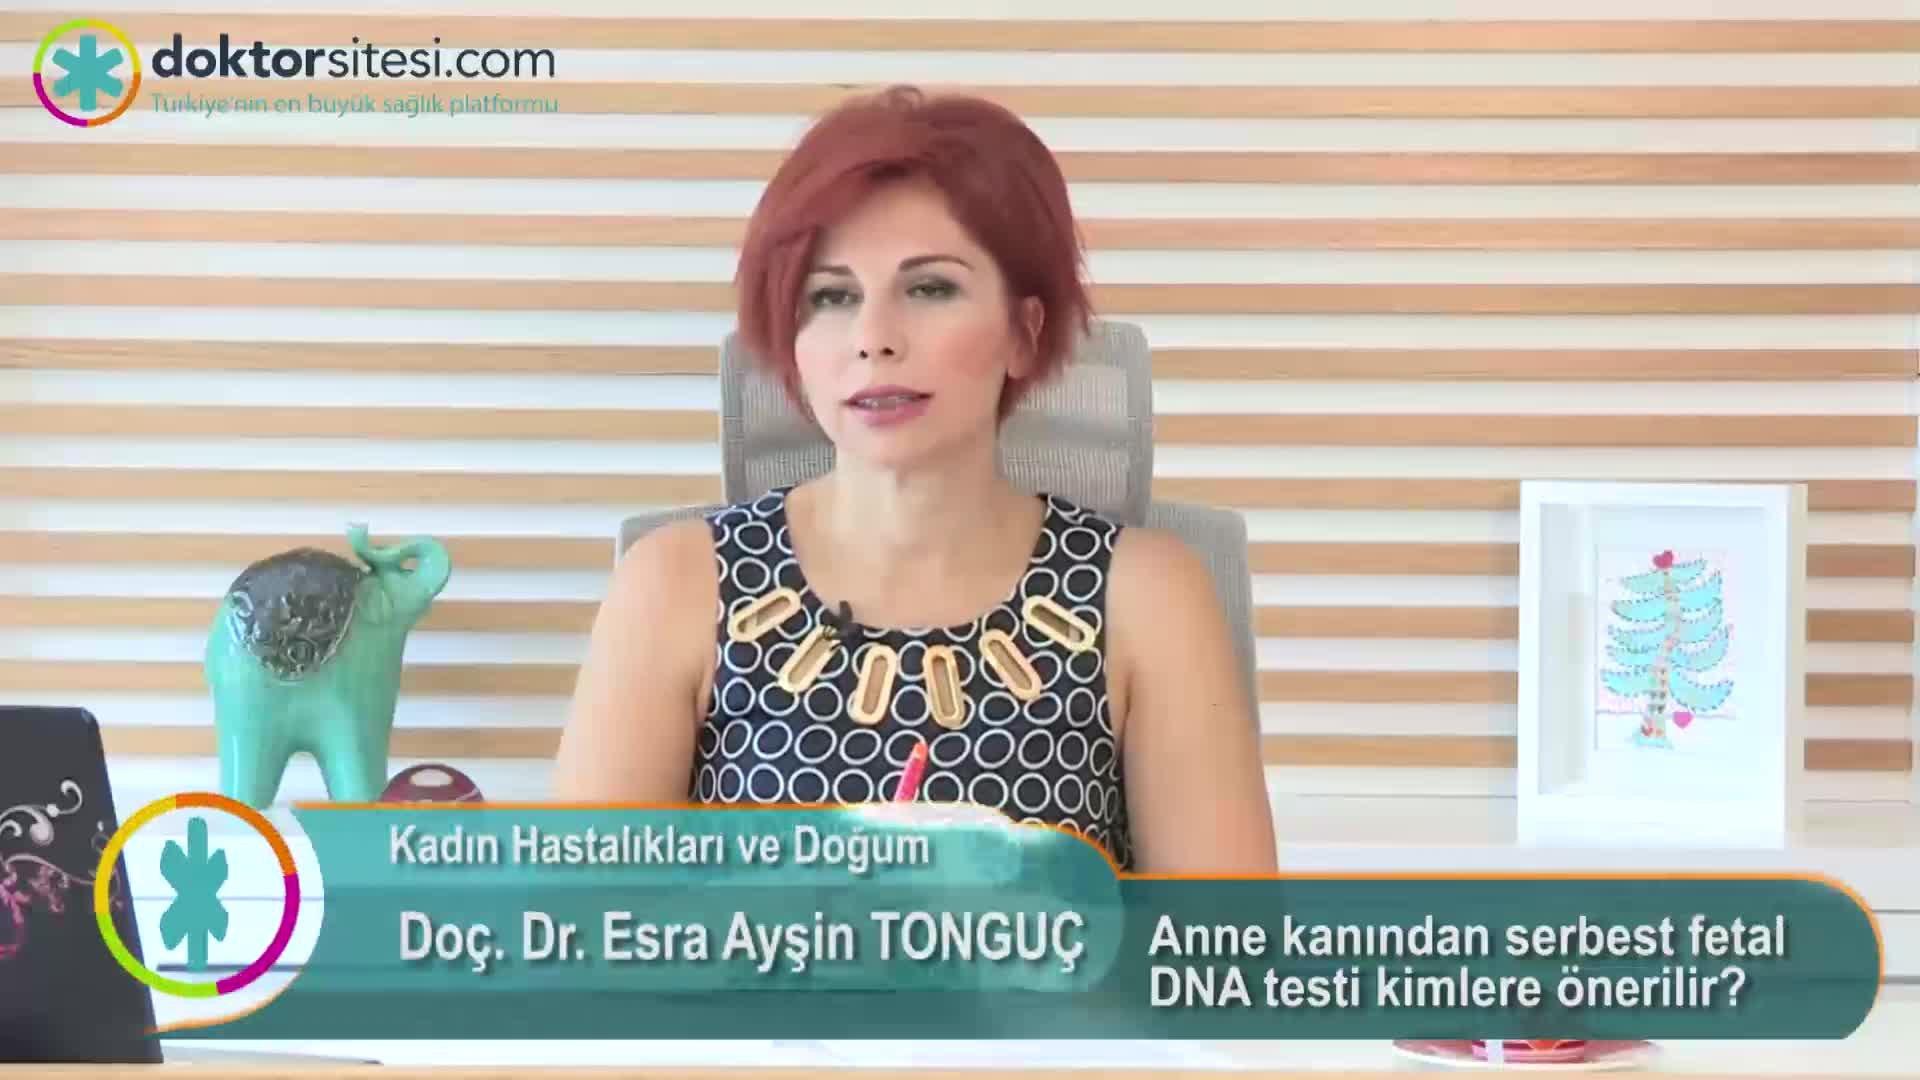 """Anne kanından serbest fetal DNA testi kimlere önerilir? """" Doç. Dr.Esra Ayşin  TONGUÇ """""""